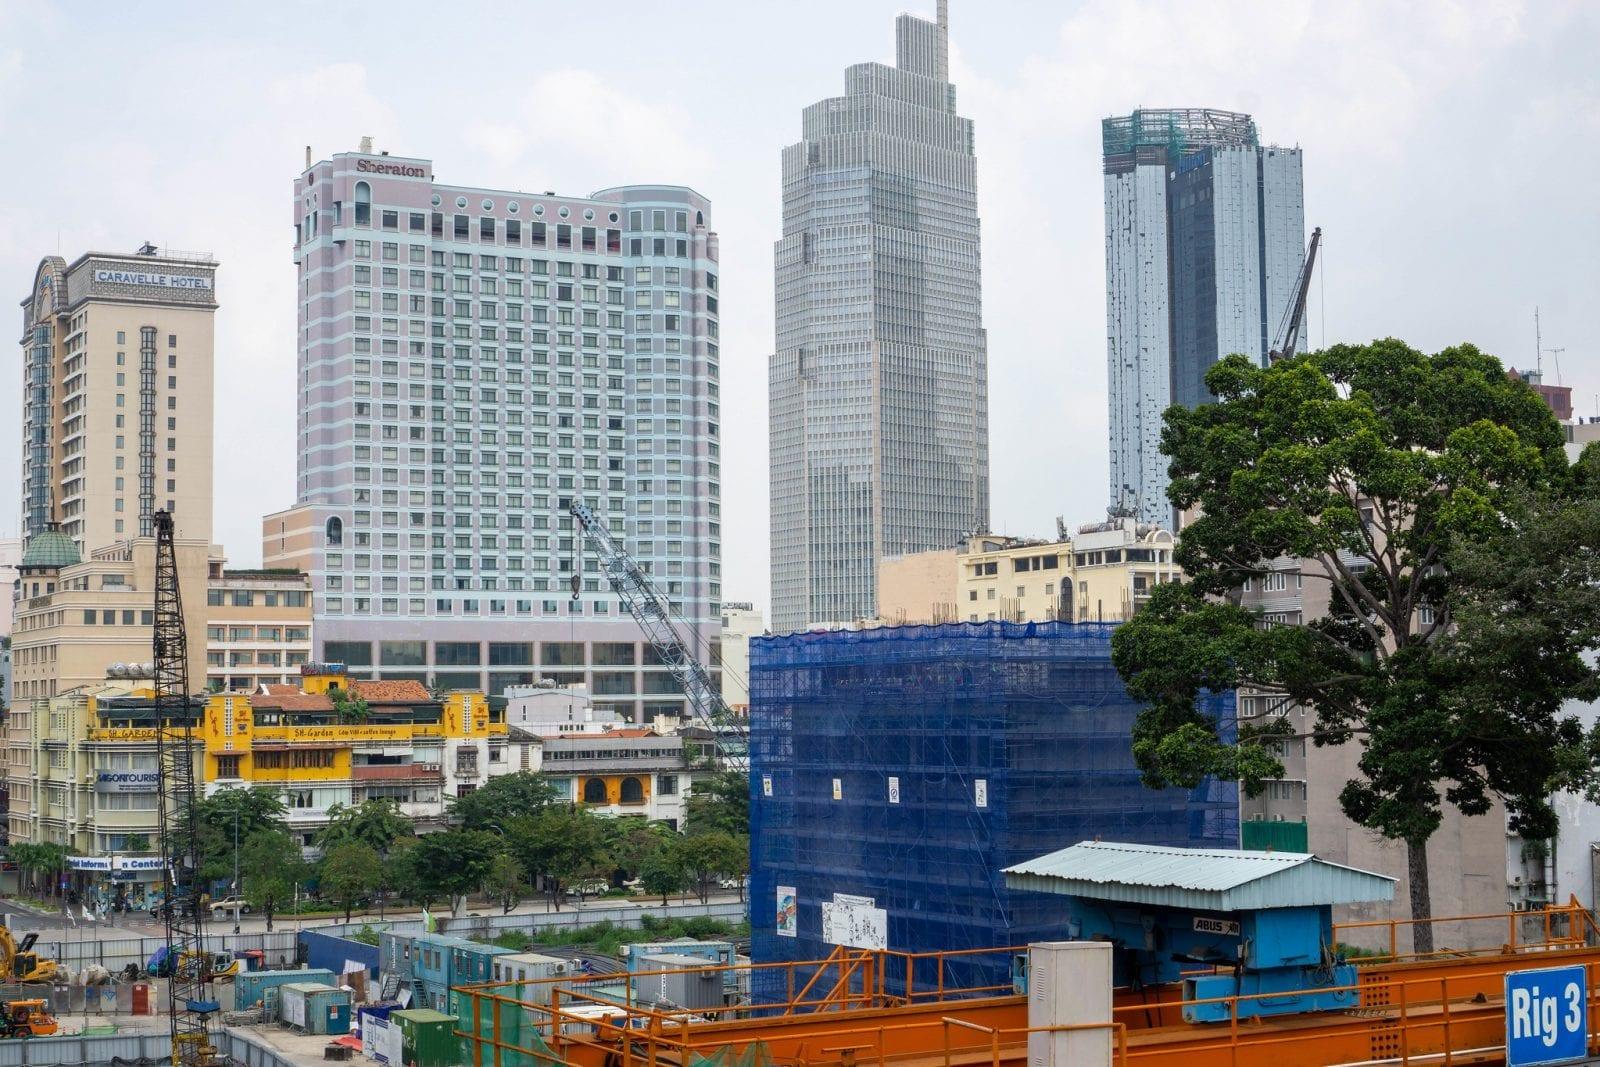 Image of the Vietcombank Tower Saigon in Vietnam